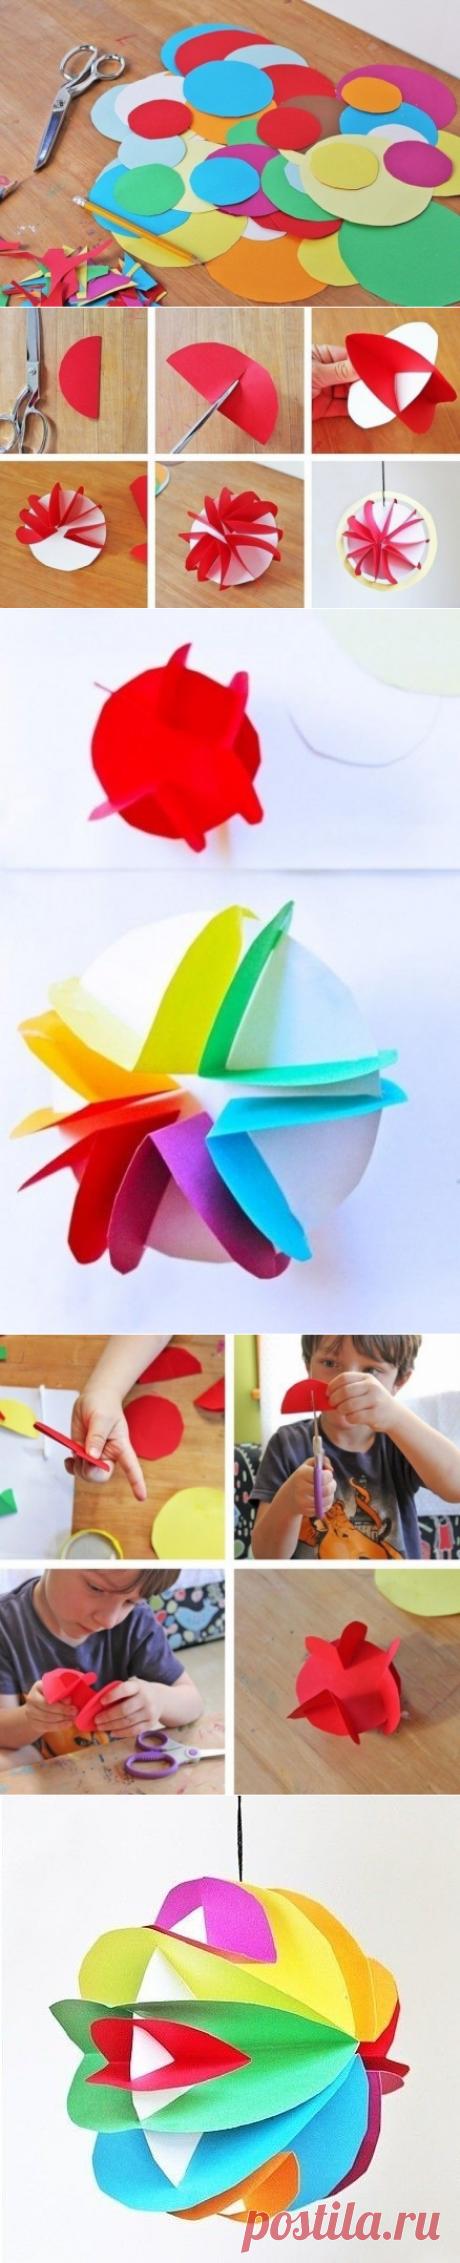 Интересный шар из бумаги